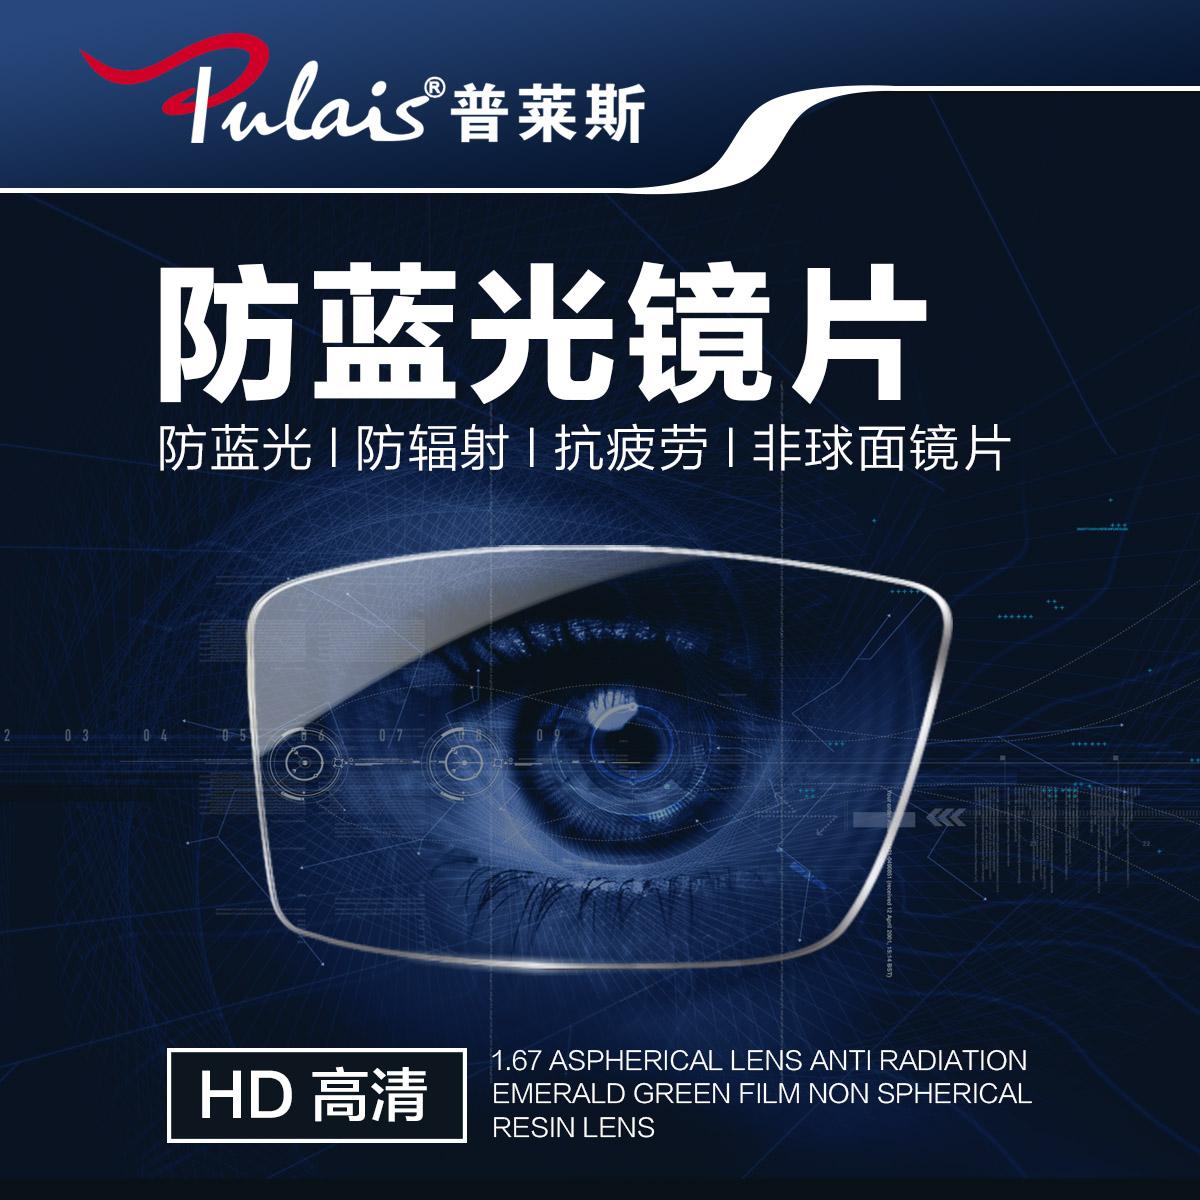 Giá 1.61 1.67 ống kính chống màu xanh chống bức xạ kính ống kính cận thị hình cầu kính cận thị